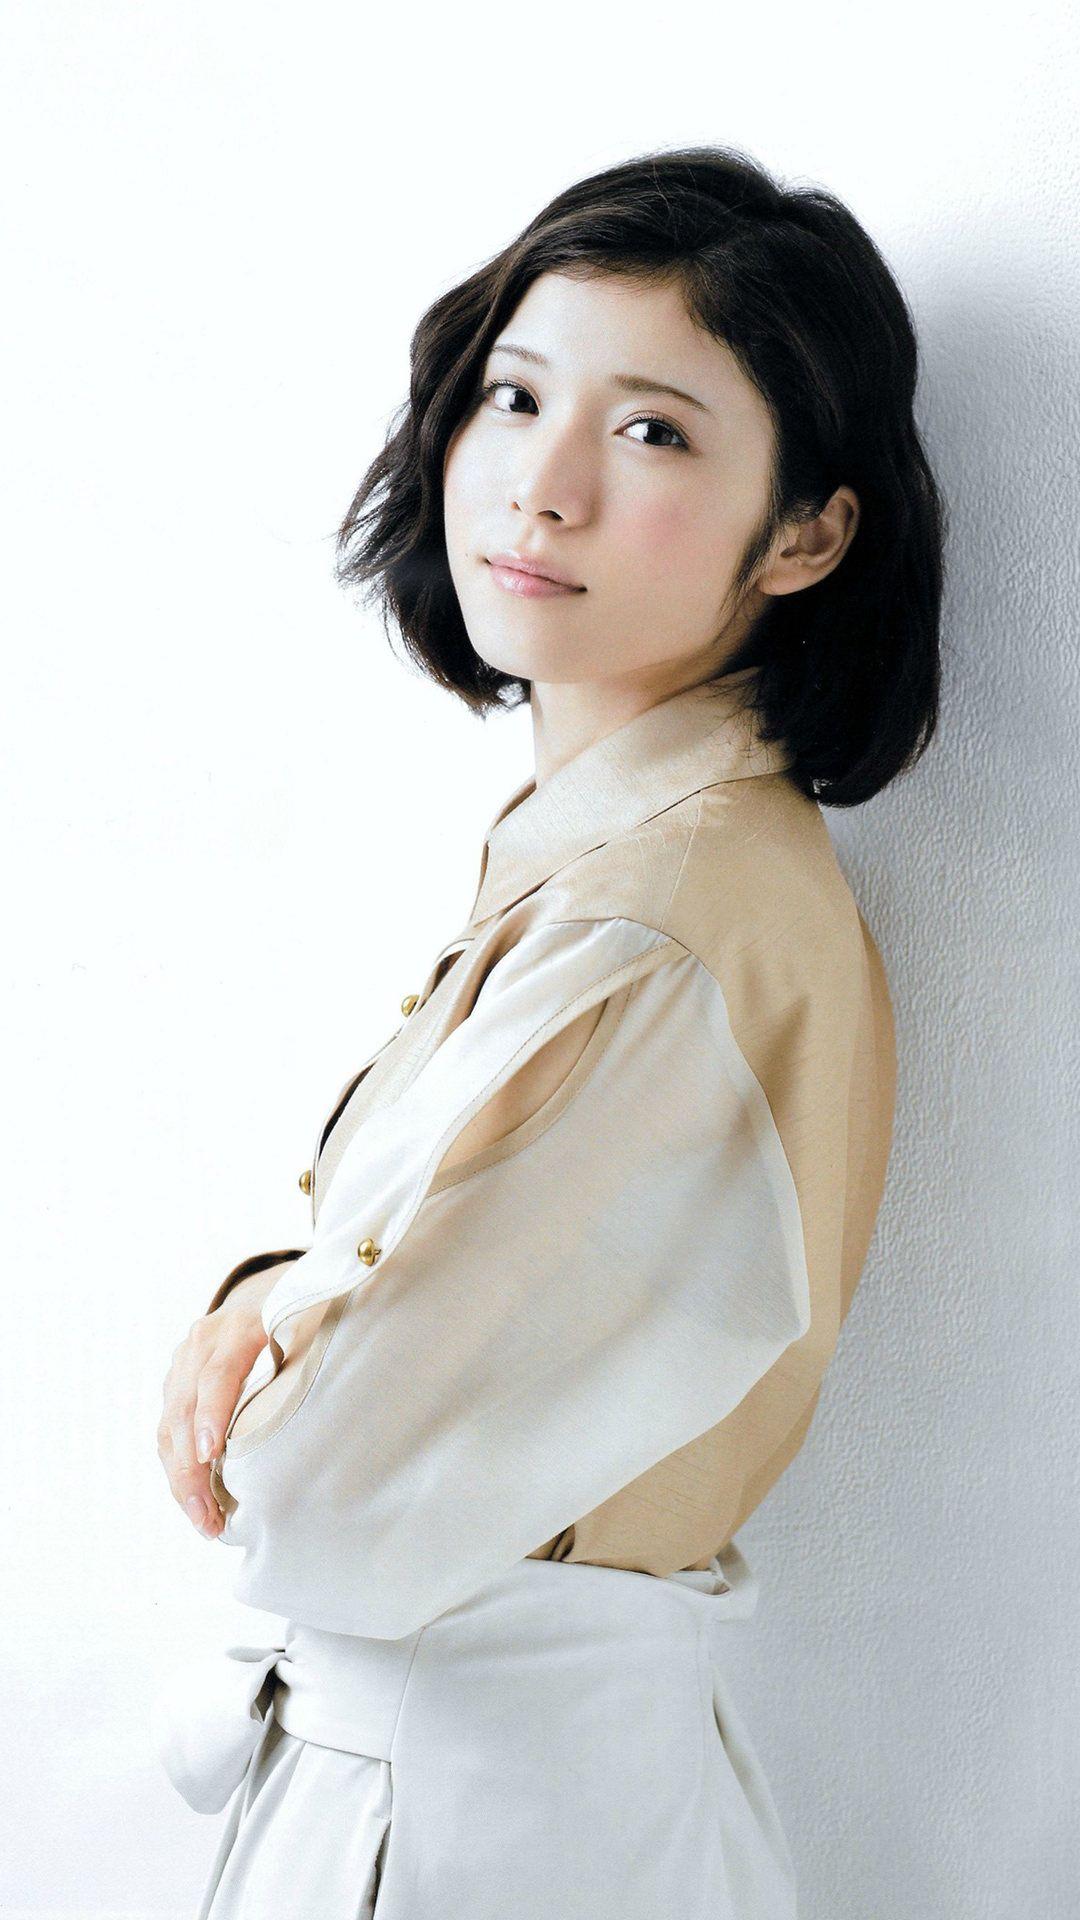 Mayu Matsuoka 茉優 松岡茉優 かわいい 女の子